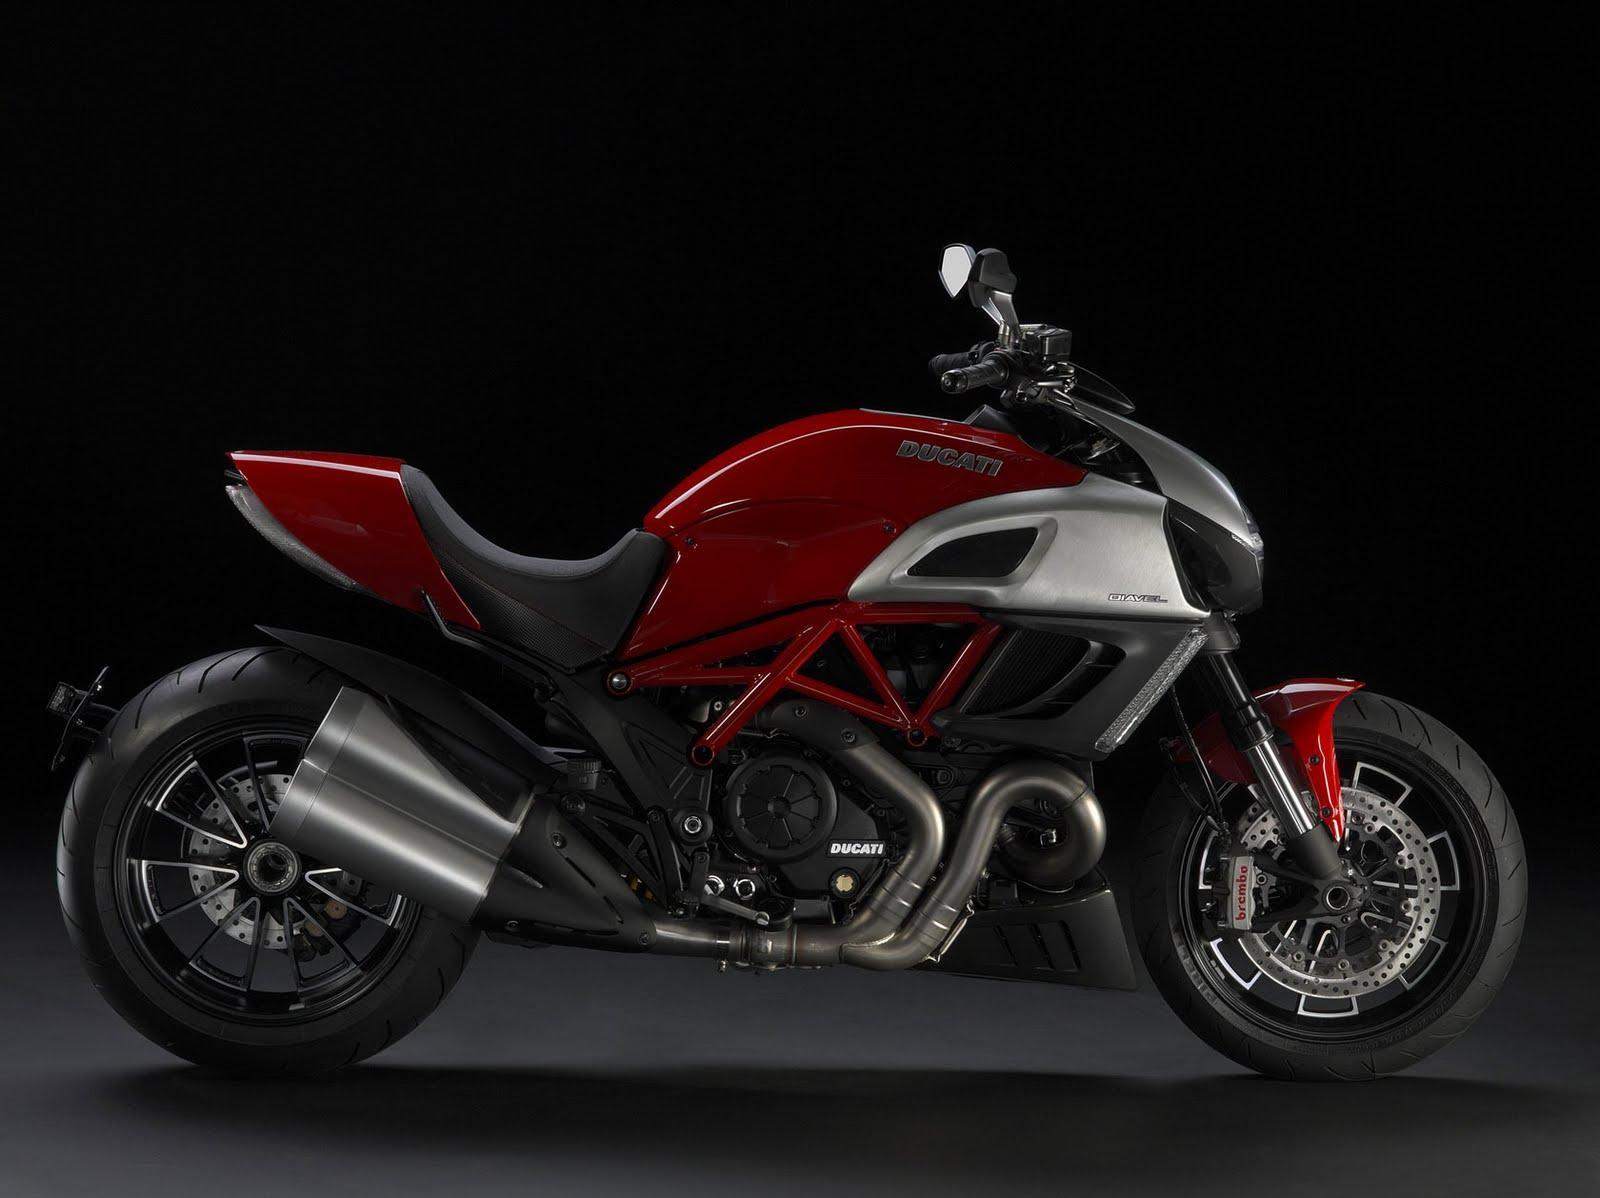 http://2.bp.blogspot.com/_J3_liDBfbvs/TNZonw6iA7I/AAAAAAAAzfA/gZ-tC7ghn1s/s1600/2011+Ducati+Diavel+Sportbike.jpg